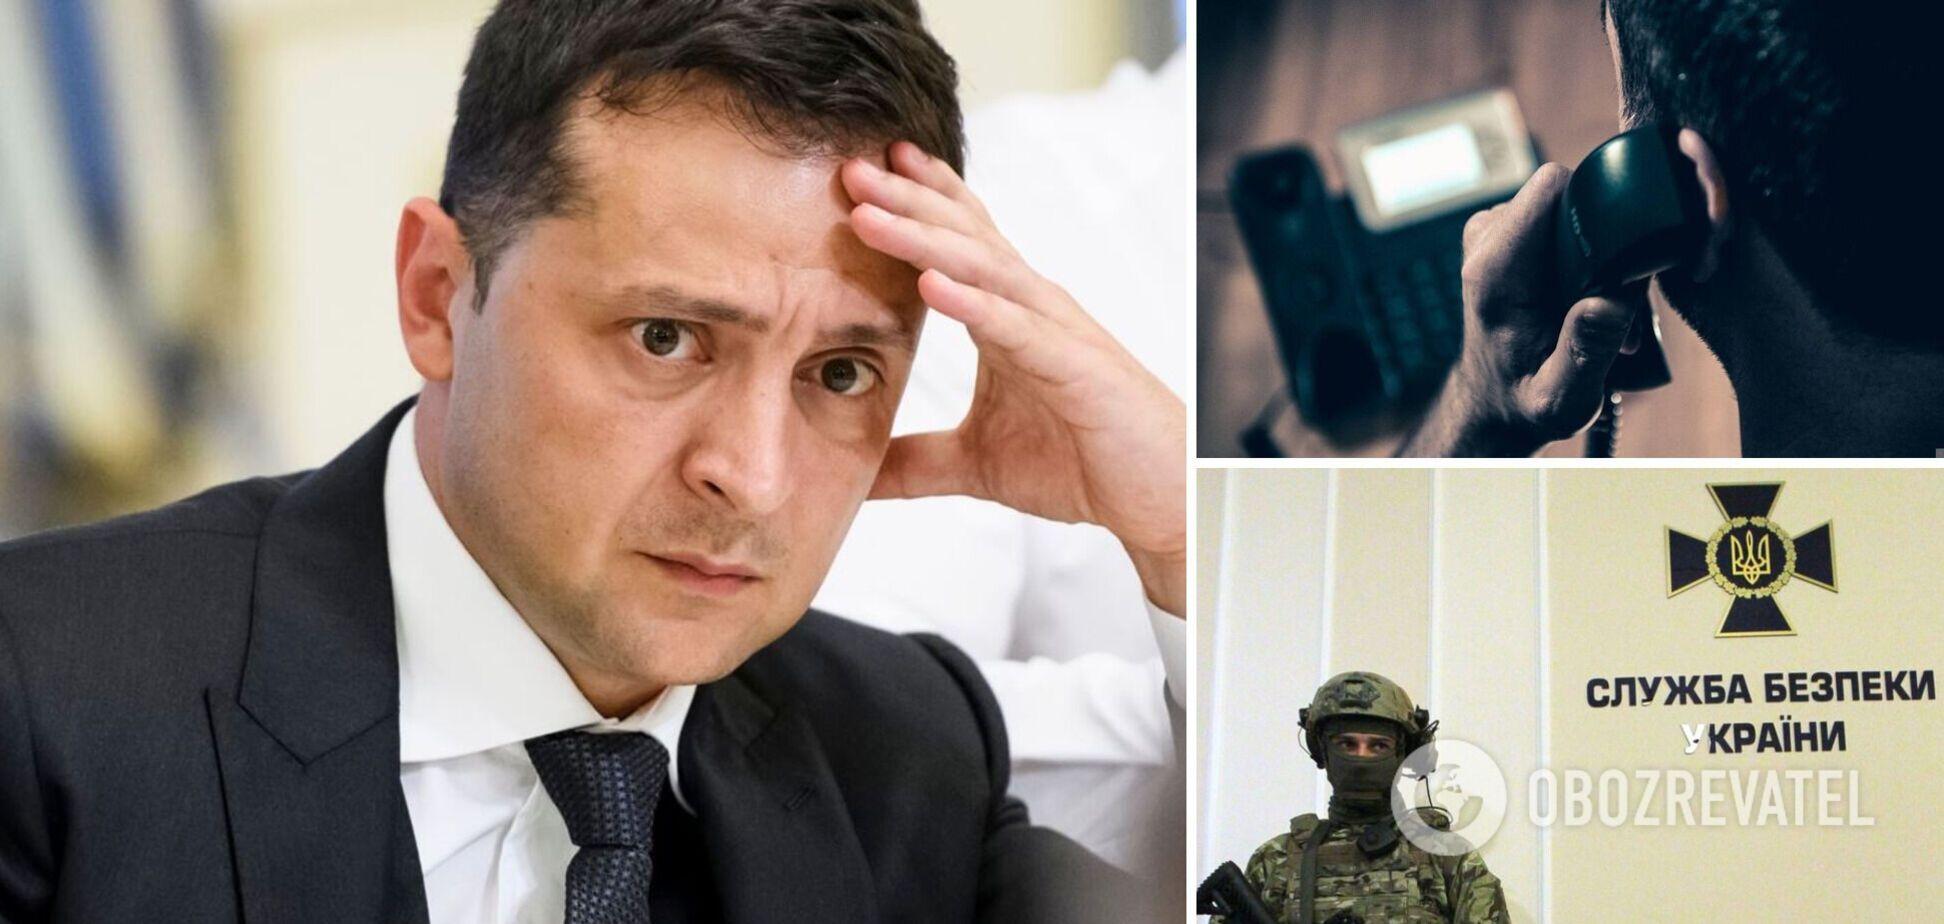 До СБУ надійшов дзвінок про плановане вбивство Зеленського: особу аноніма встановили